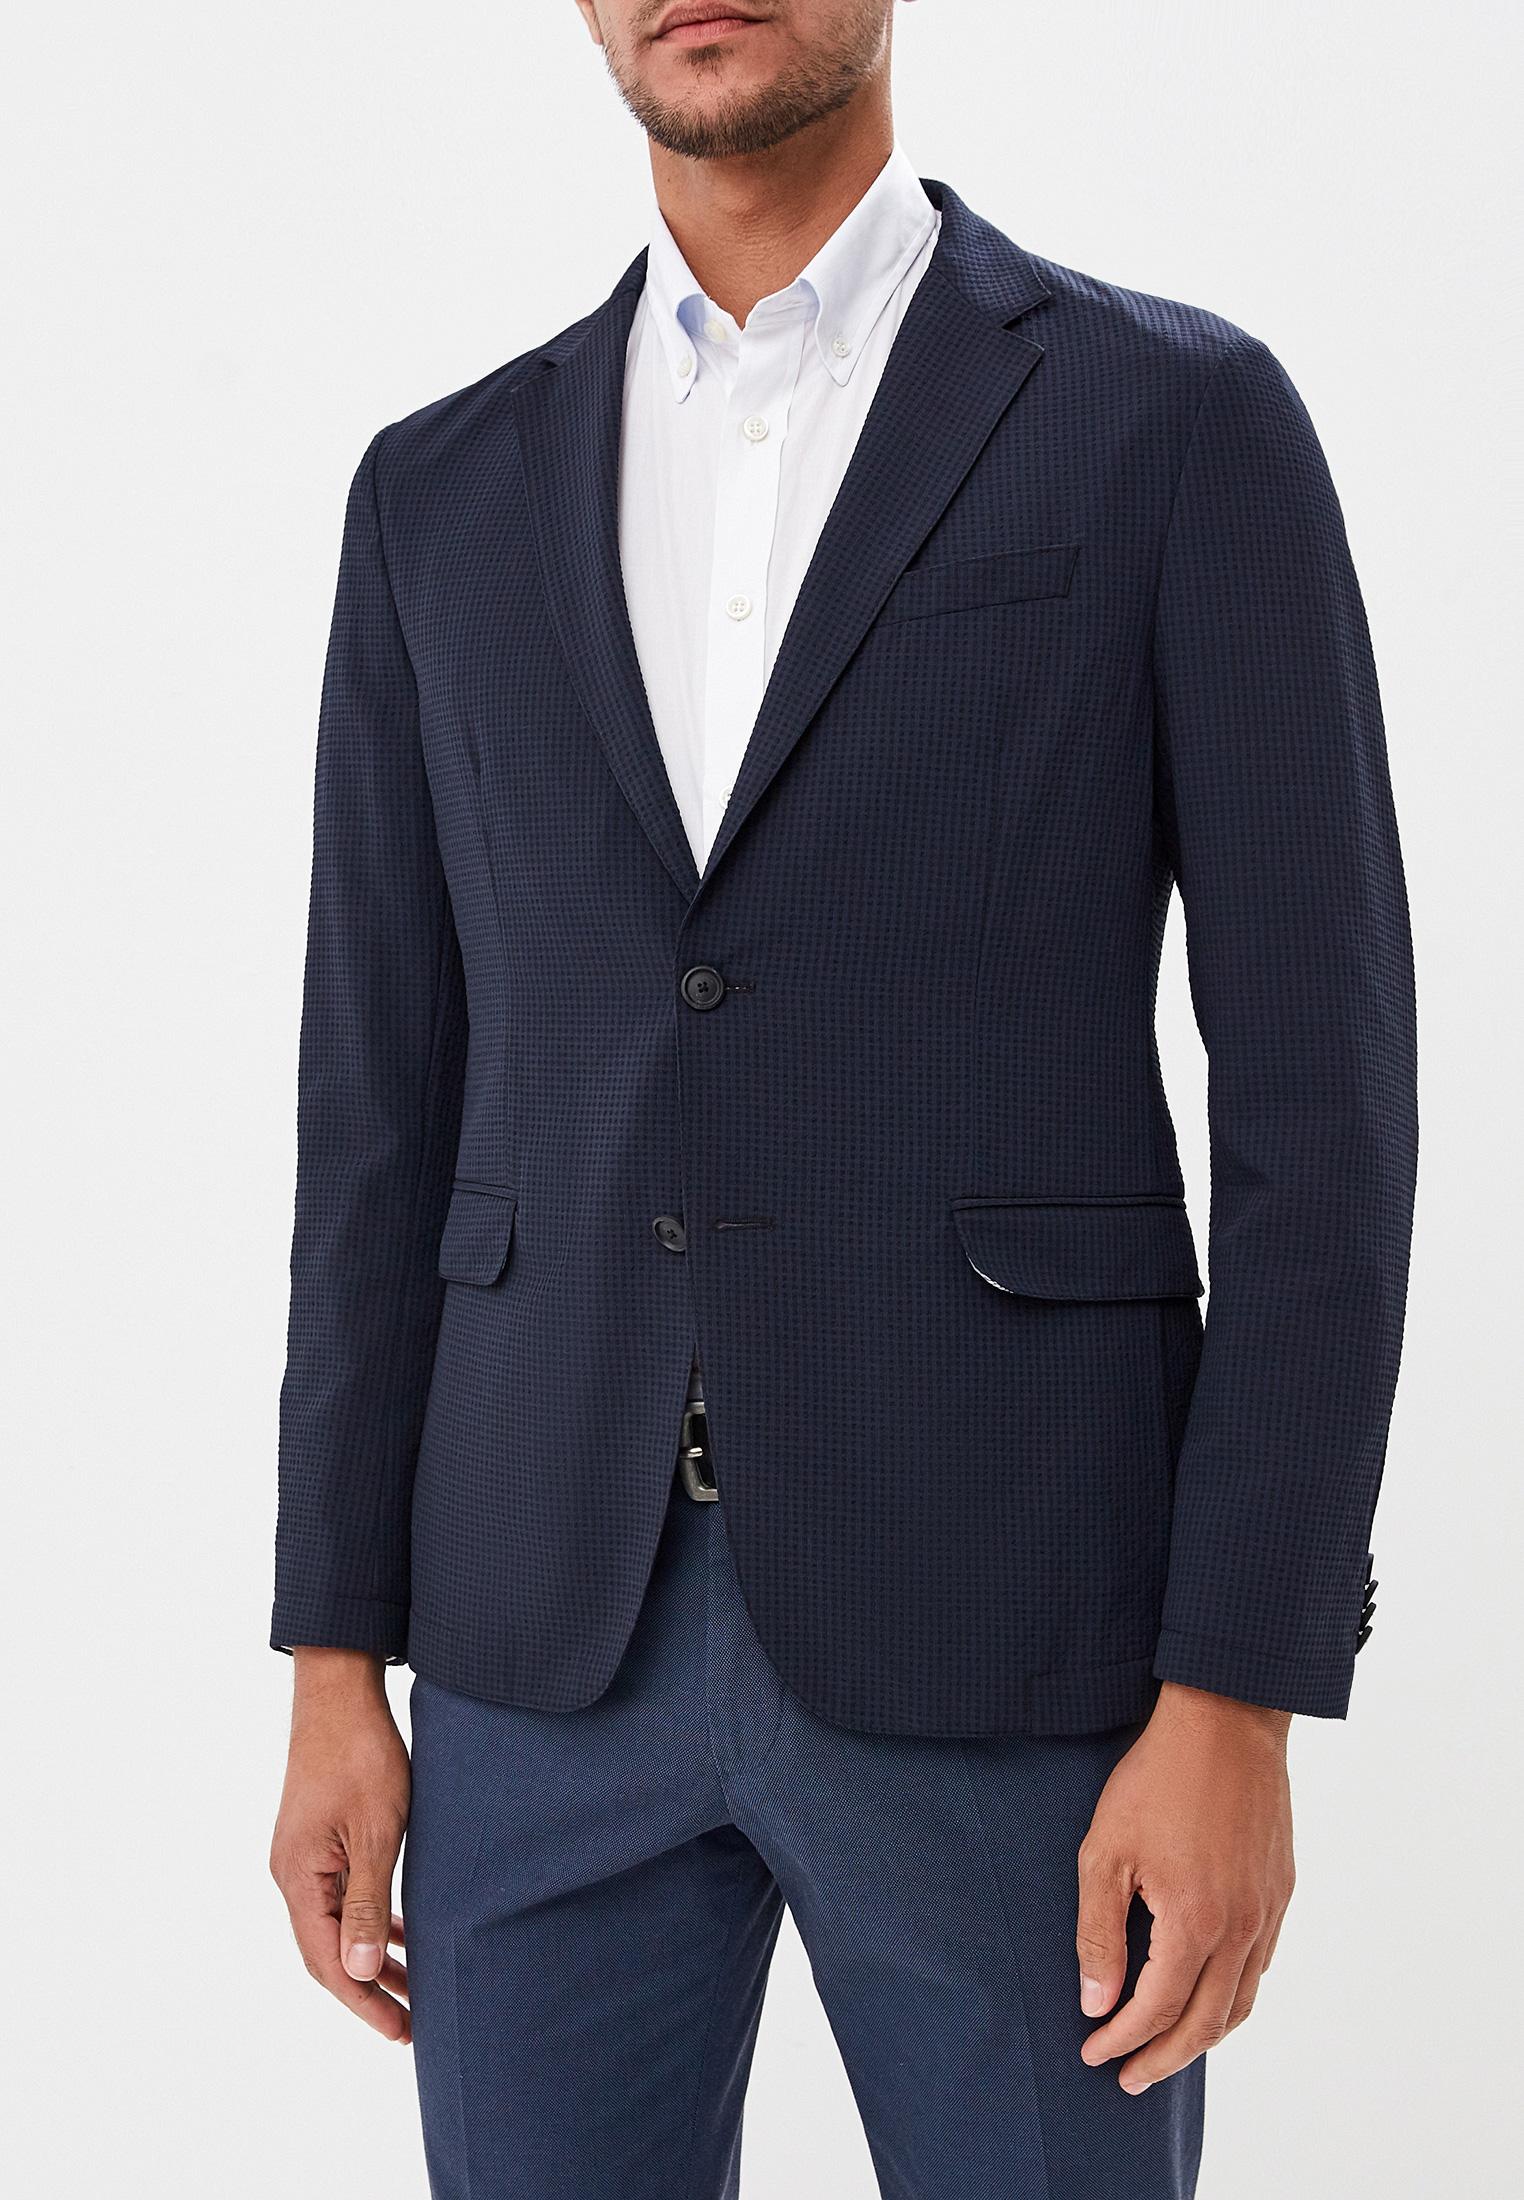 Чем отличается пиджак от жакета — разница между жакетом и пиджаком